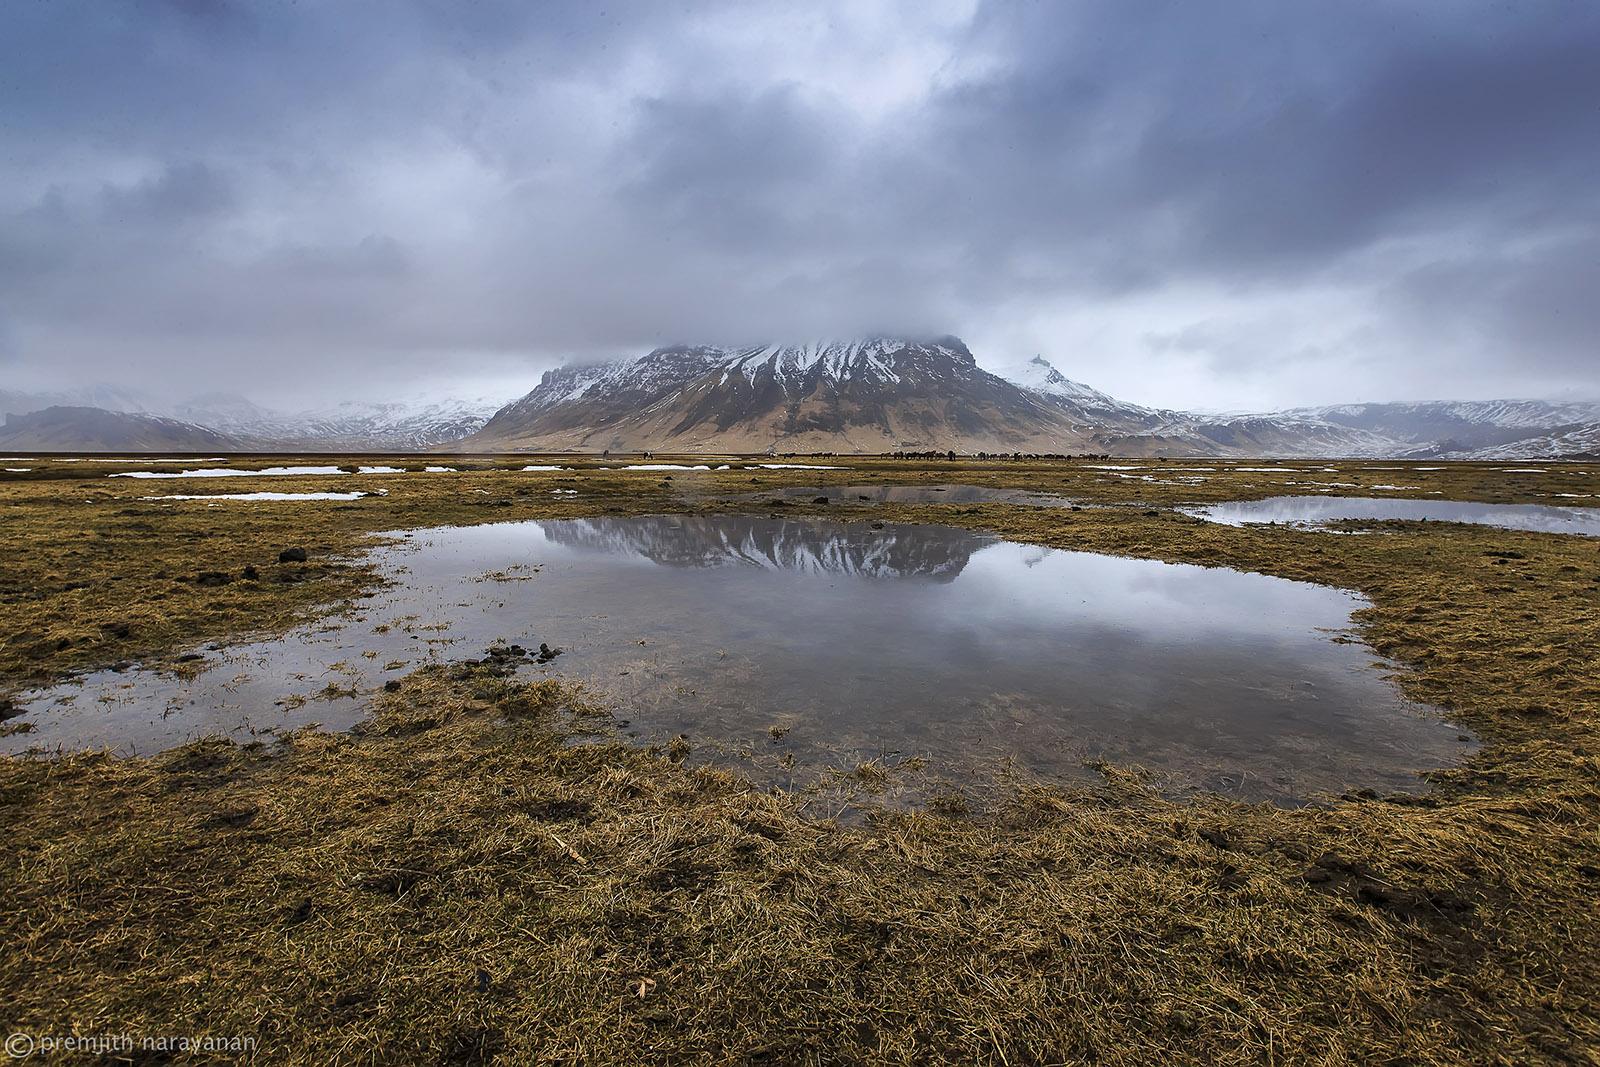 'Eyjafjallajökull'  volcanIc region ( erupted in 2010)